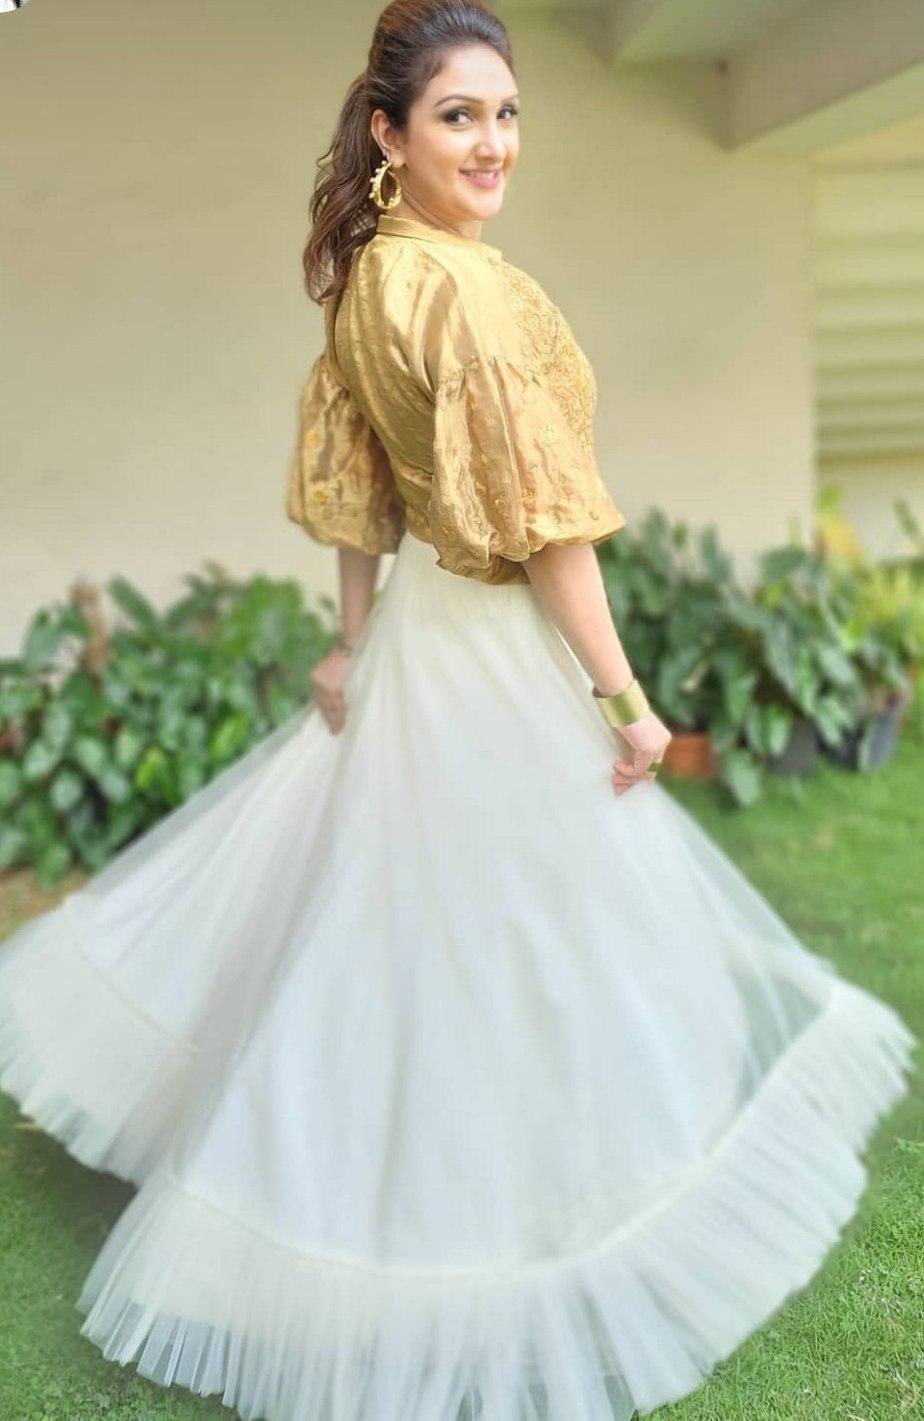 Sridevi Vijaykumar in a skirt-crop top by Endless knot for comedy stars